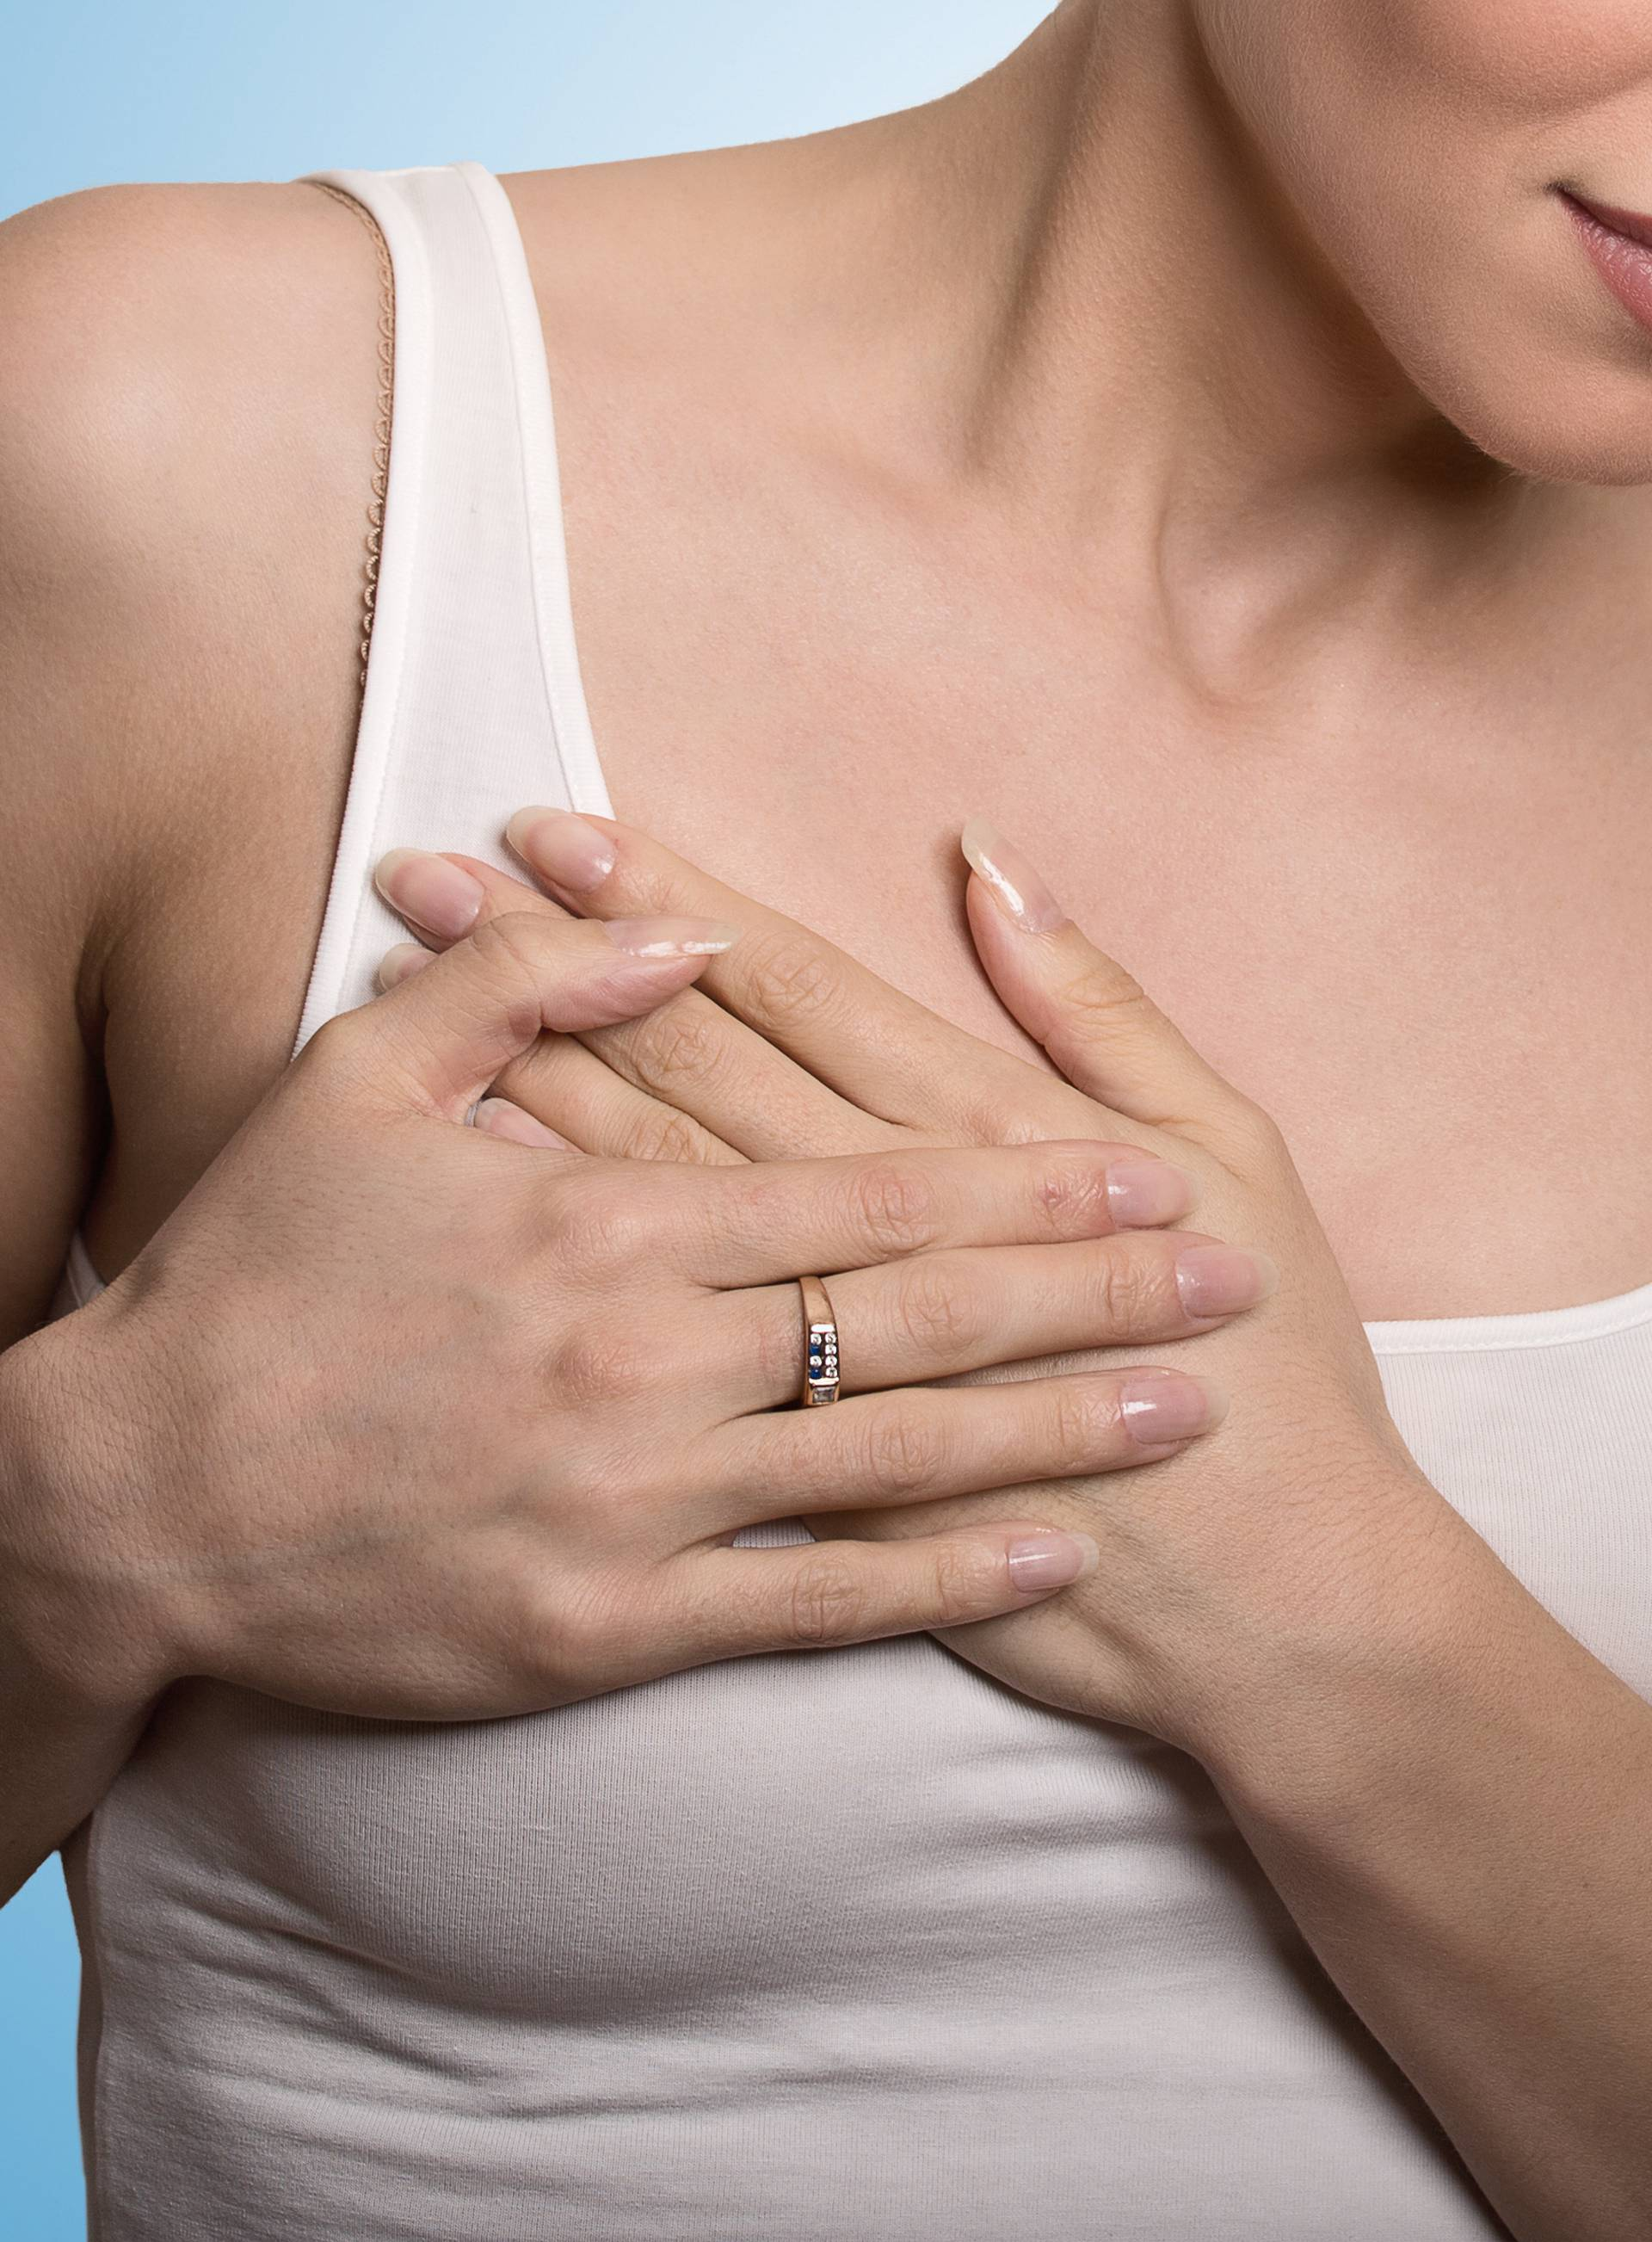 Smrtnost od kardiovaskularnih bolesti puno je veća kod žena